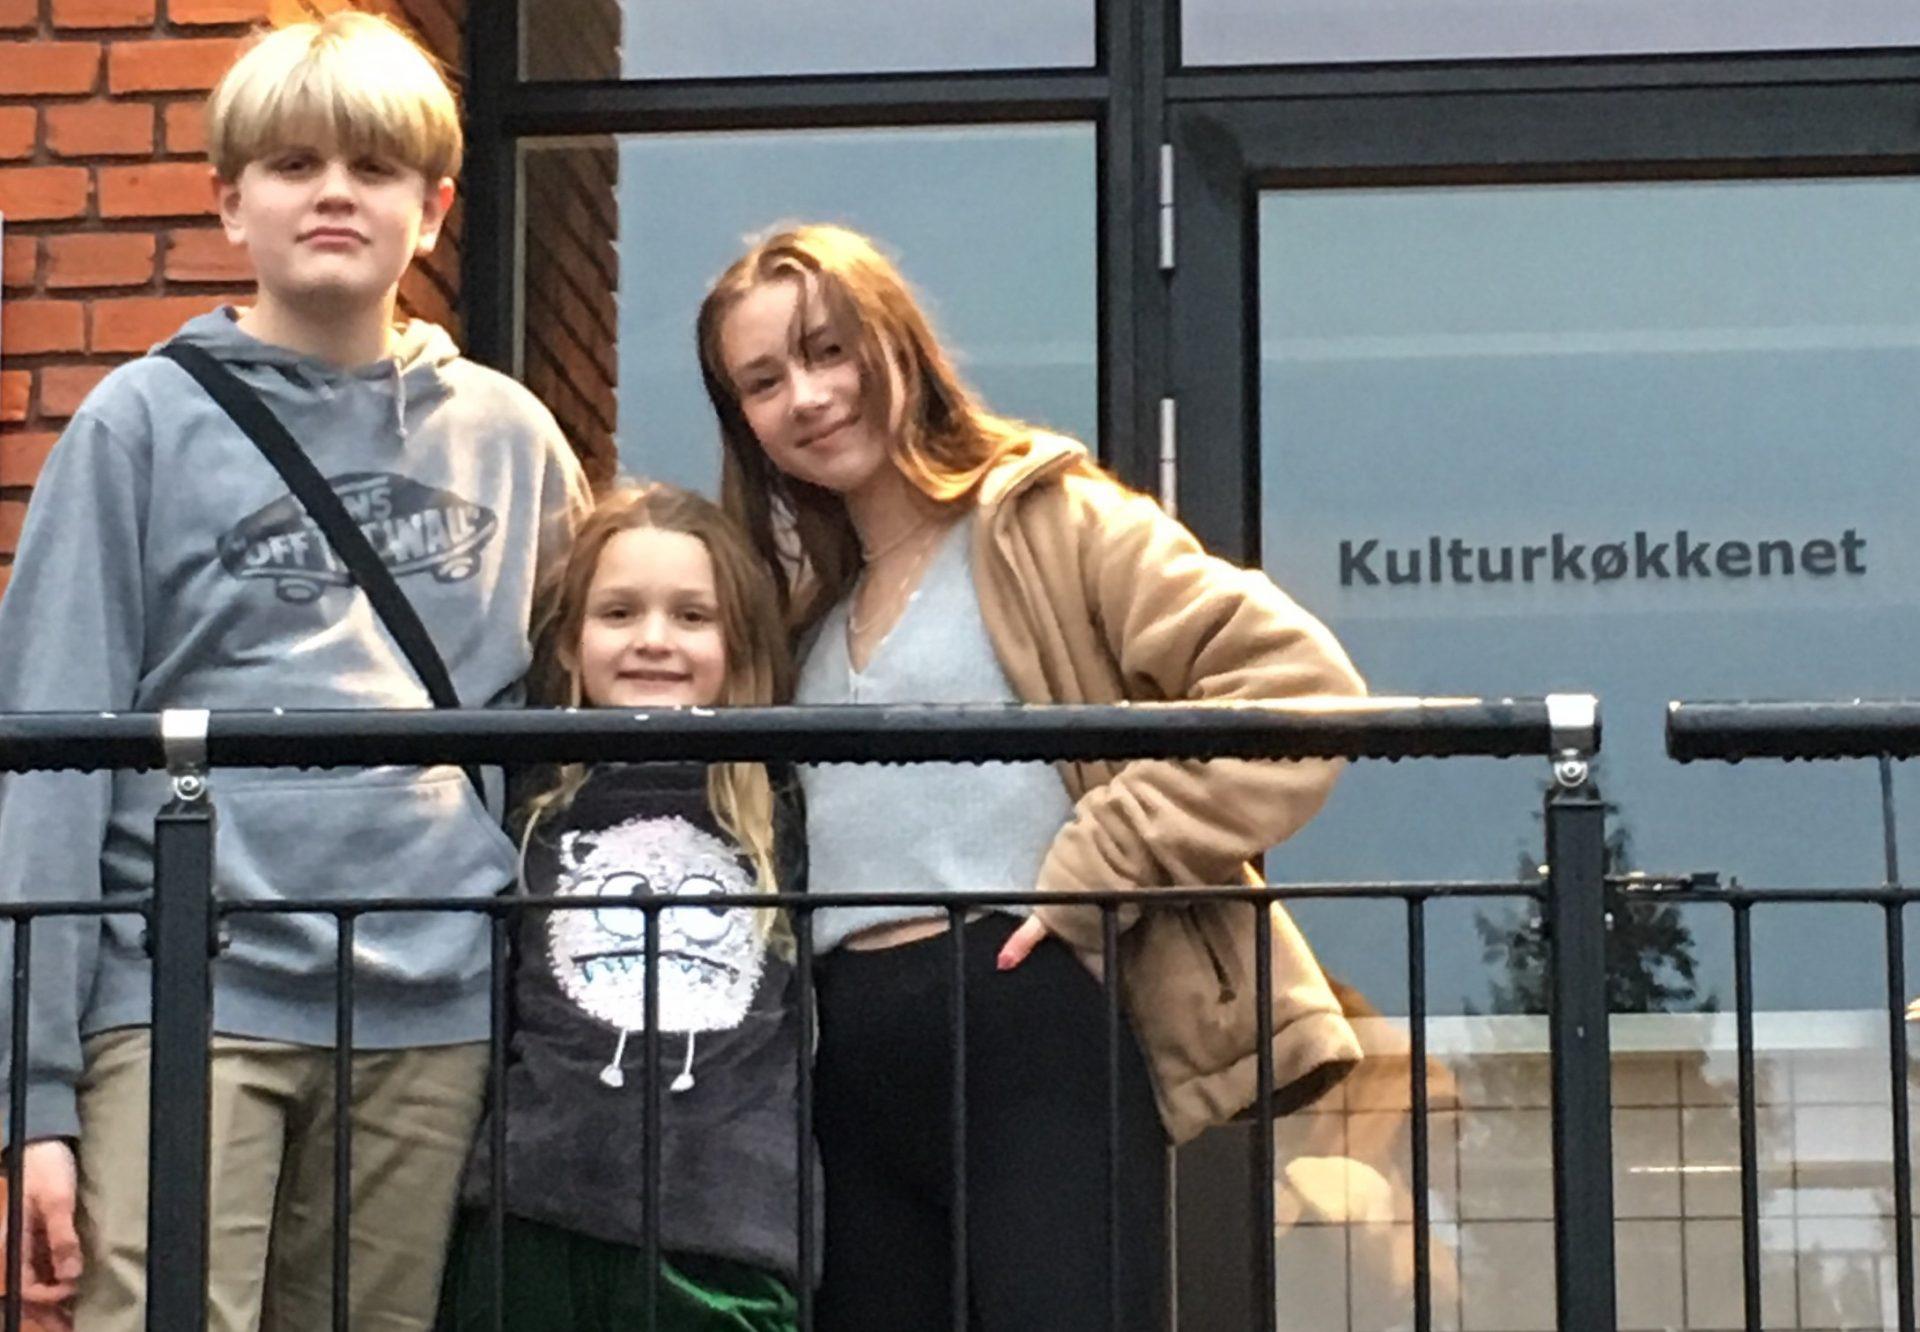 MIKA & TOBIAS: Børn er gået i gang med at arrangere koncerter for børn og unge i Odder